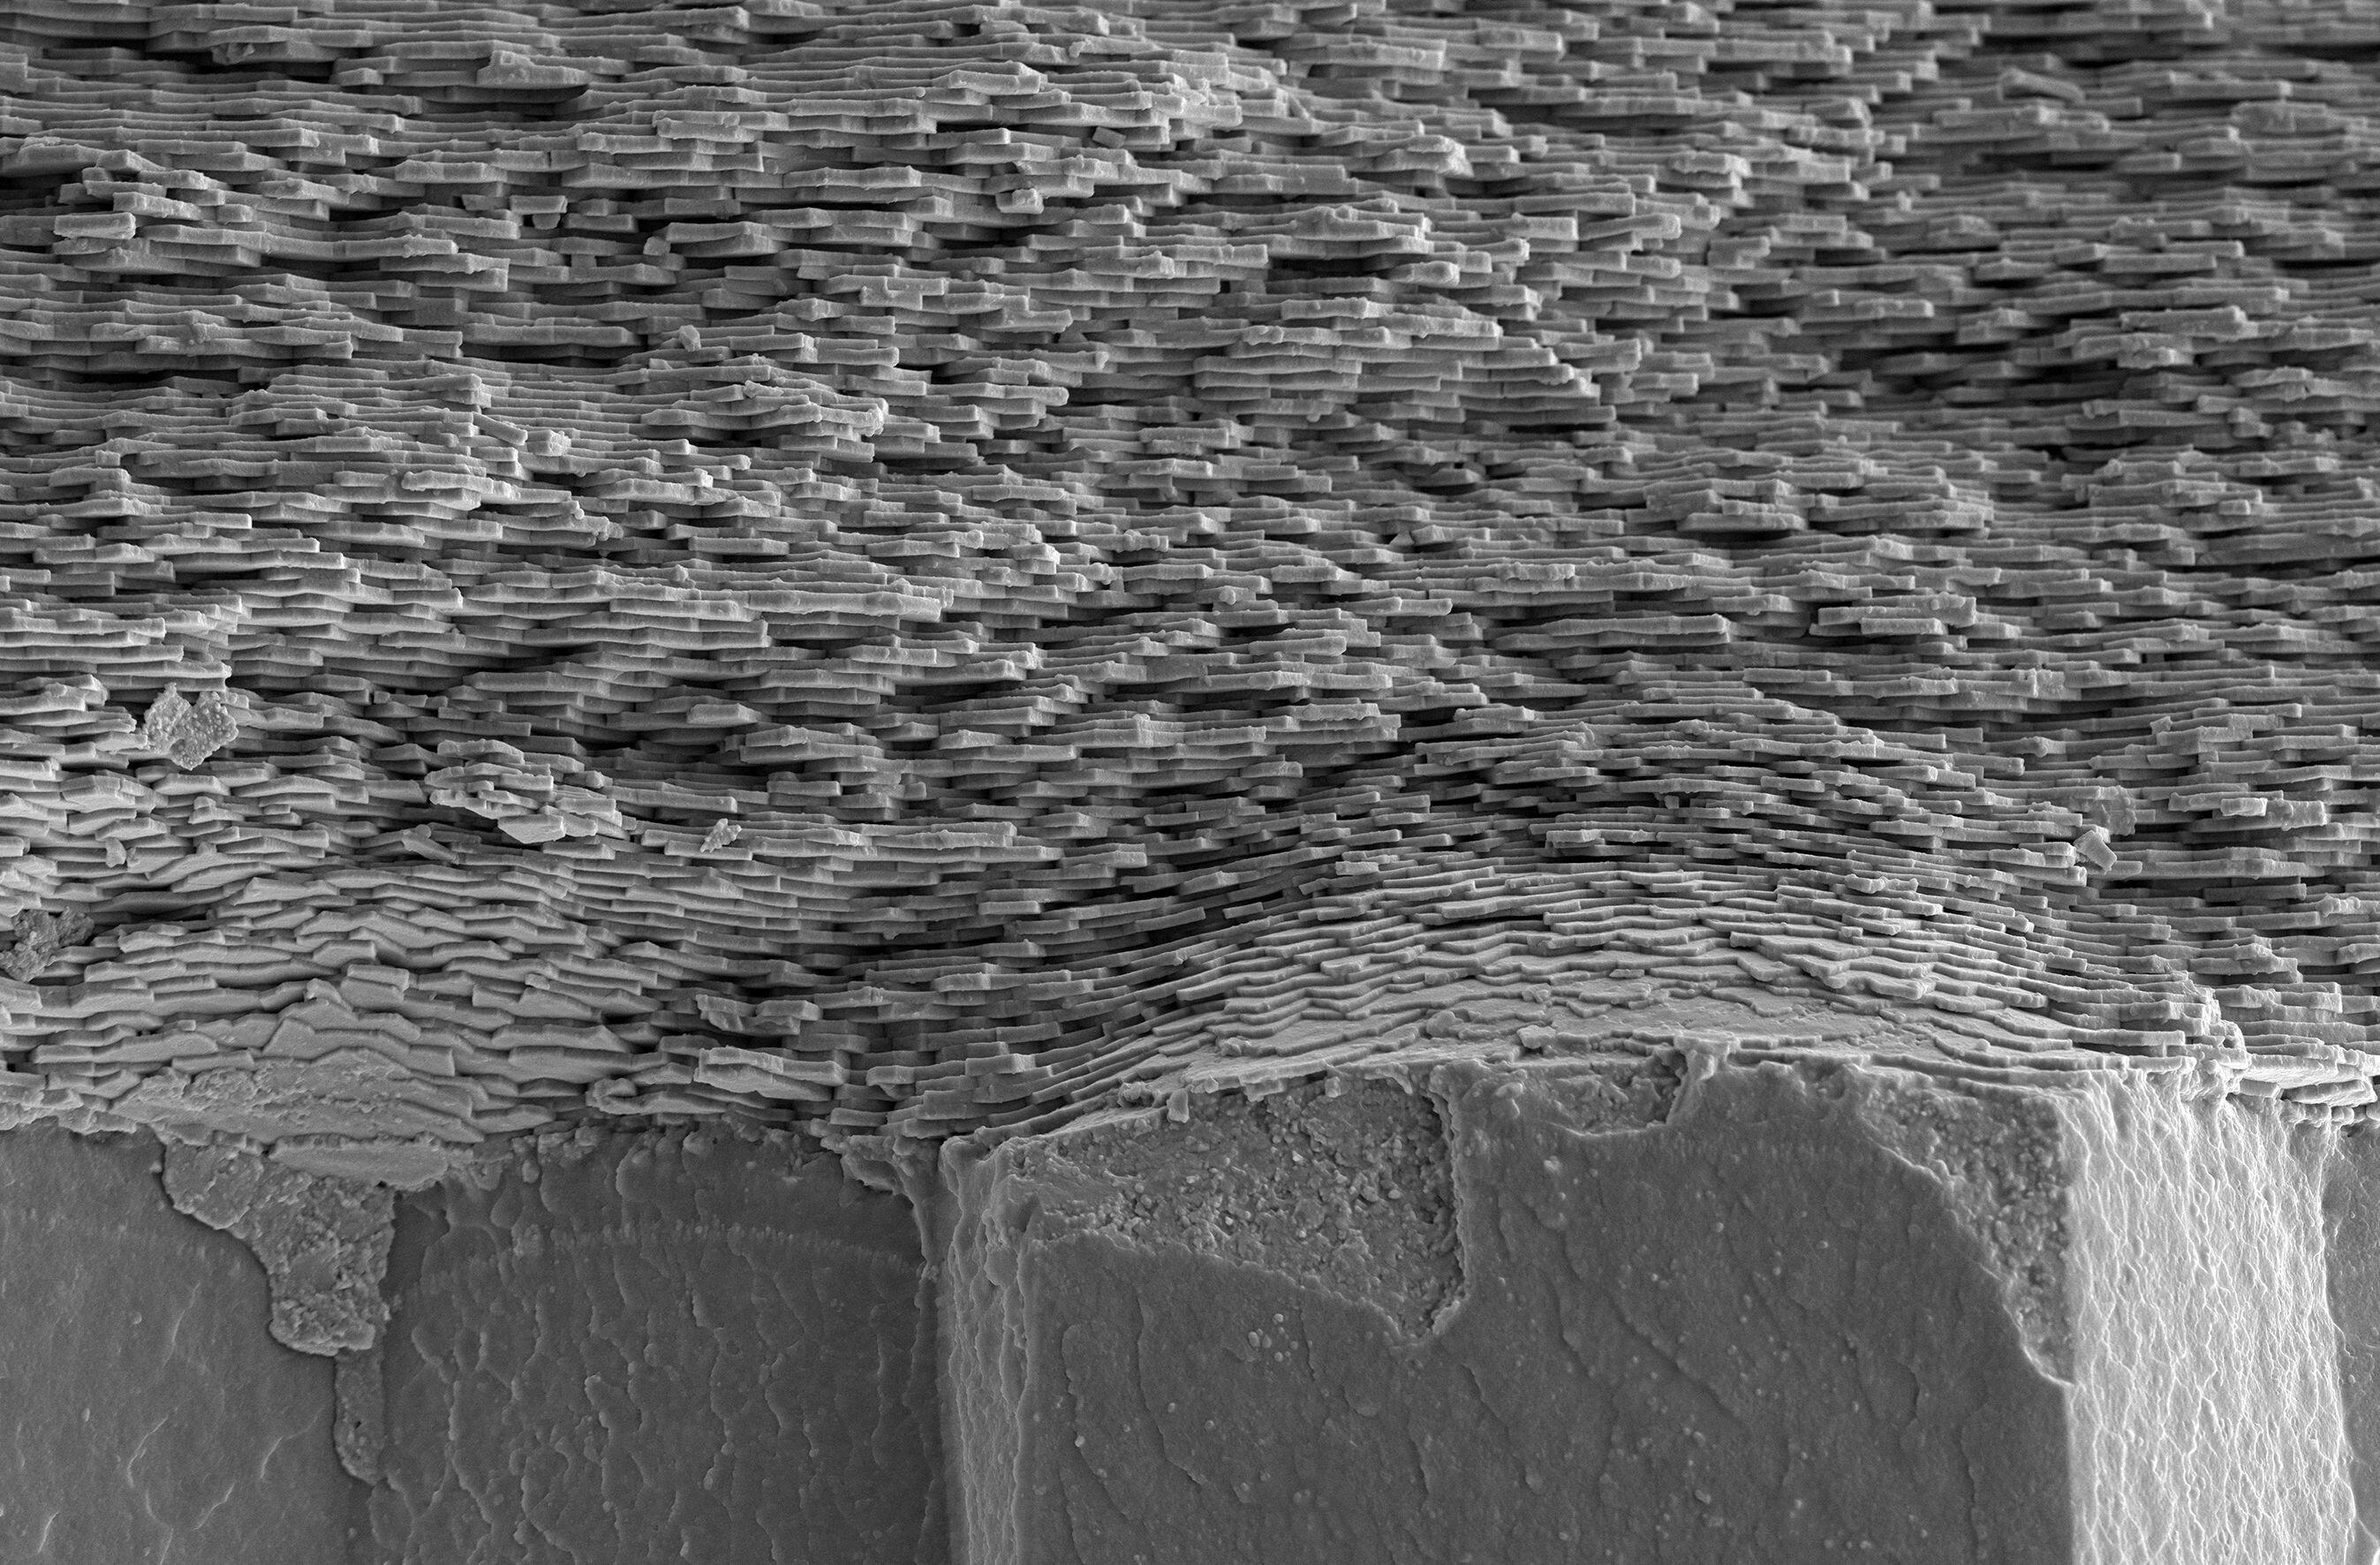 利用X射线纳米断层扫描发现珍珠母的周期性结构